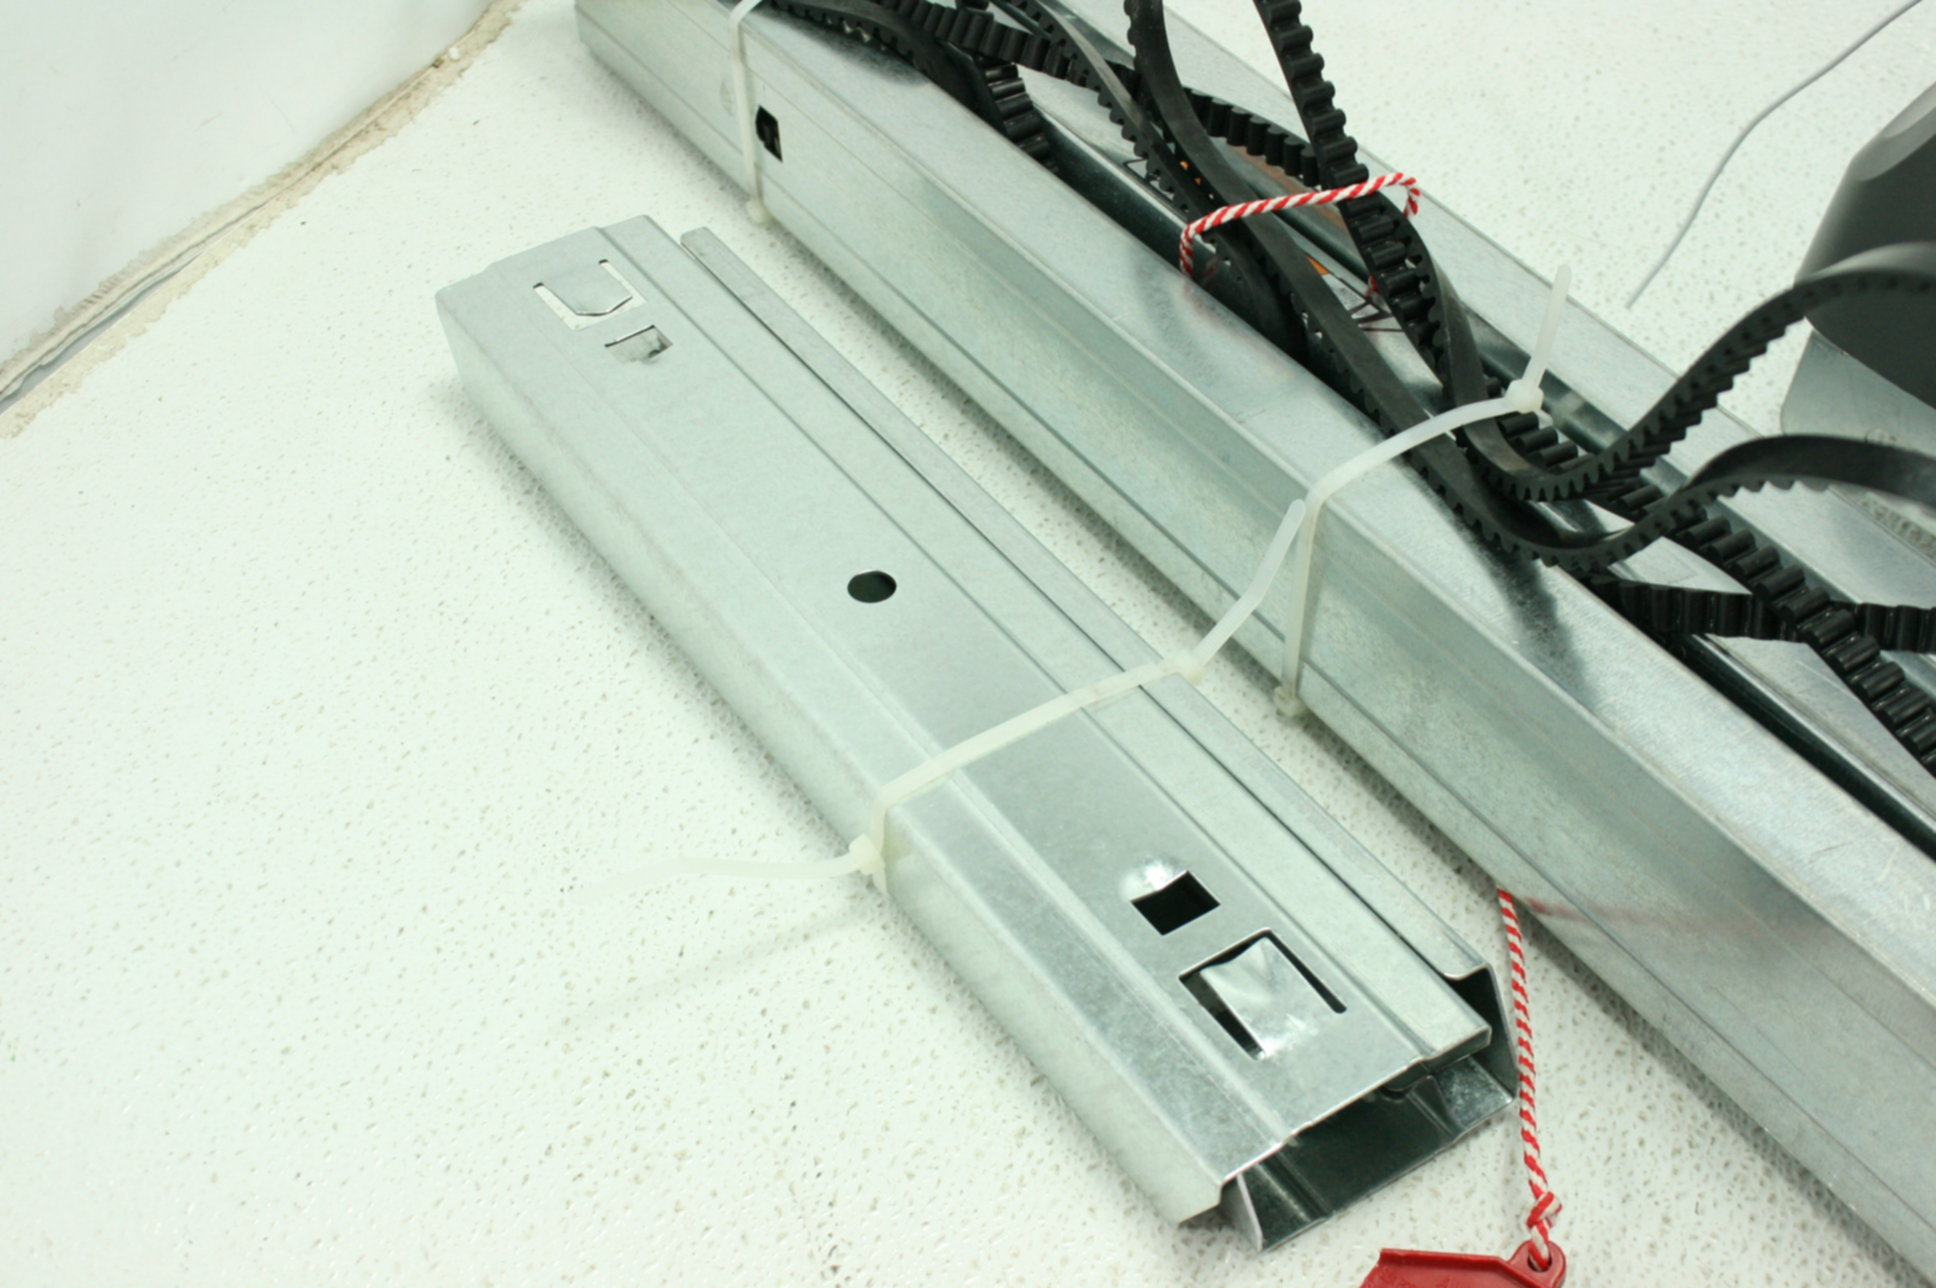 Genie Silentmax 1200 Garage Door Opener 190 Hpc Power Plus